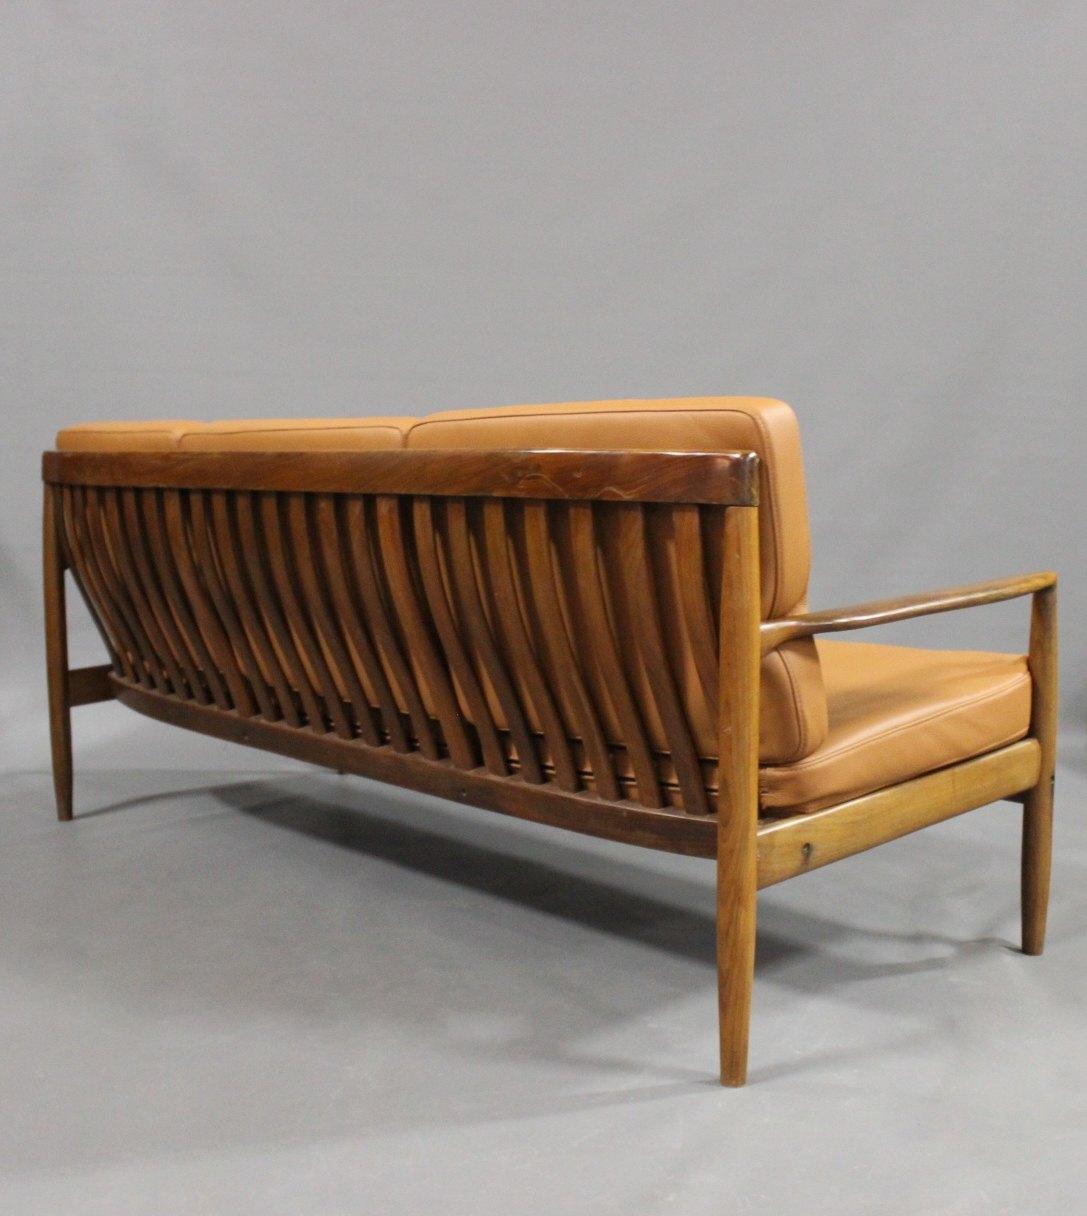 sofa dansk design .Antikvitet.  Tre personers sofa i palisander og hynder af  sofa dansk design